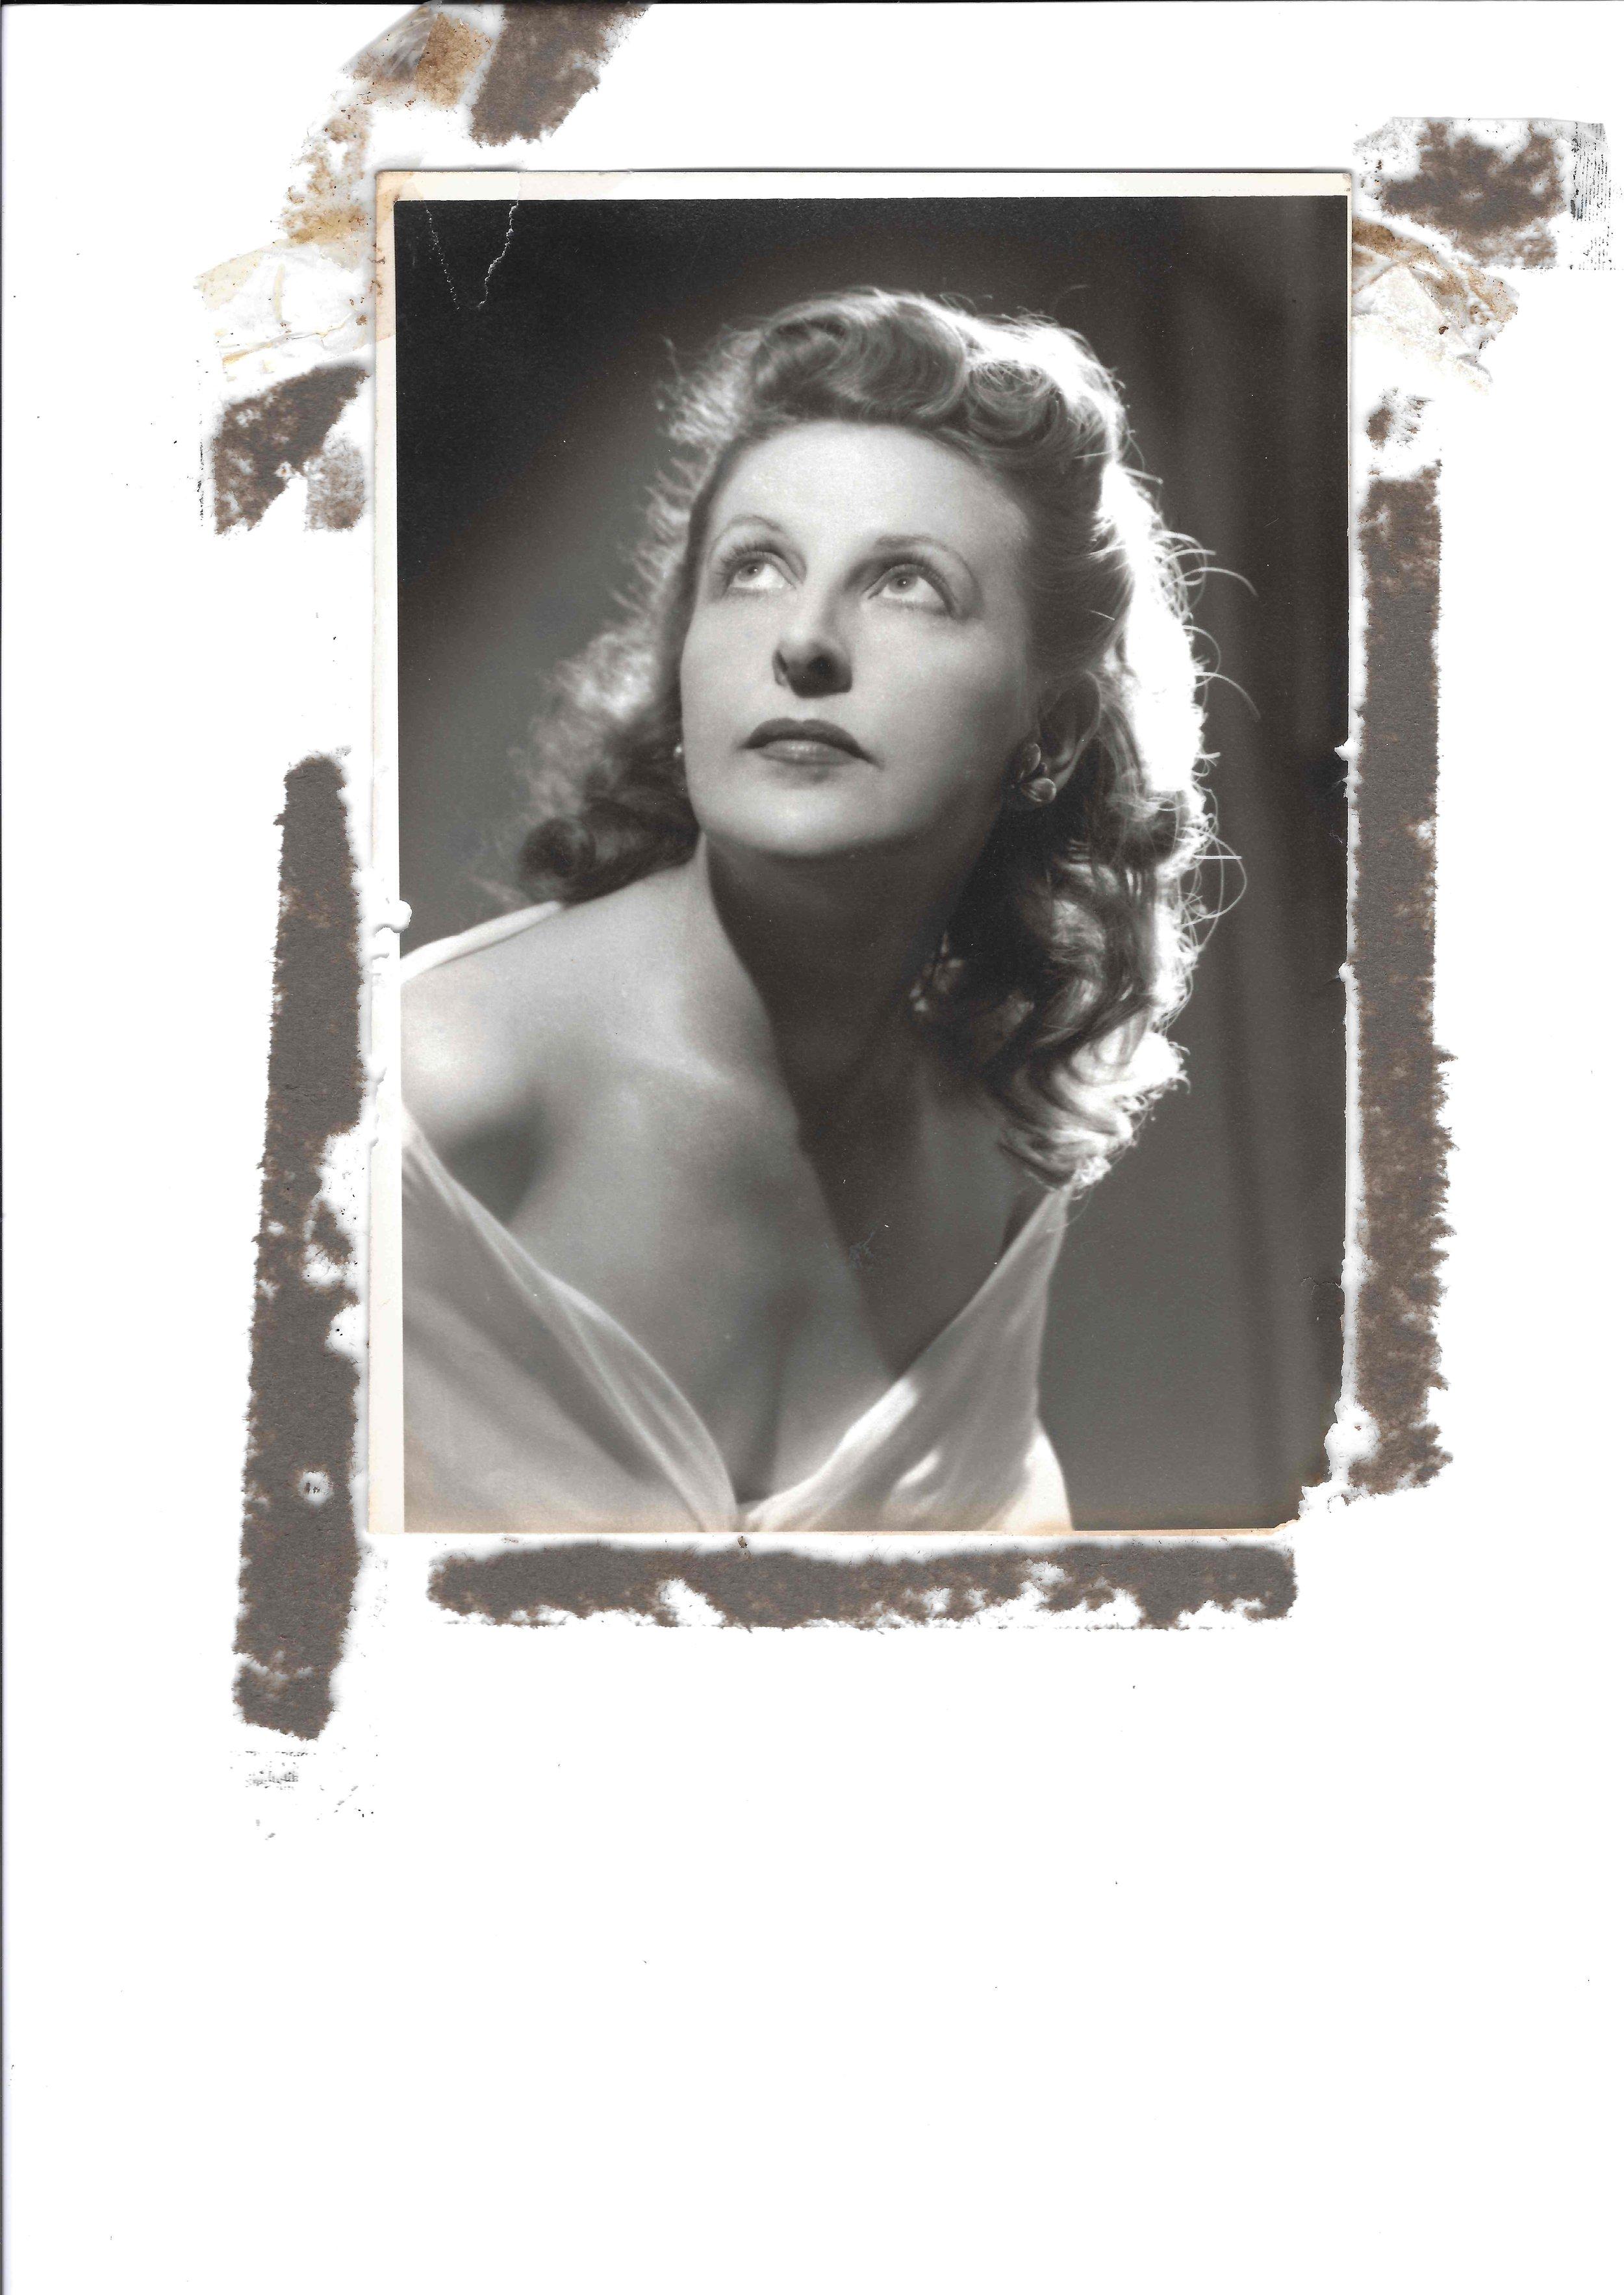 Ella circa 1935. Photo by Athol Shmith